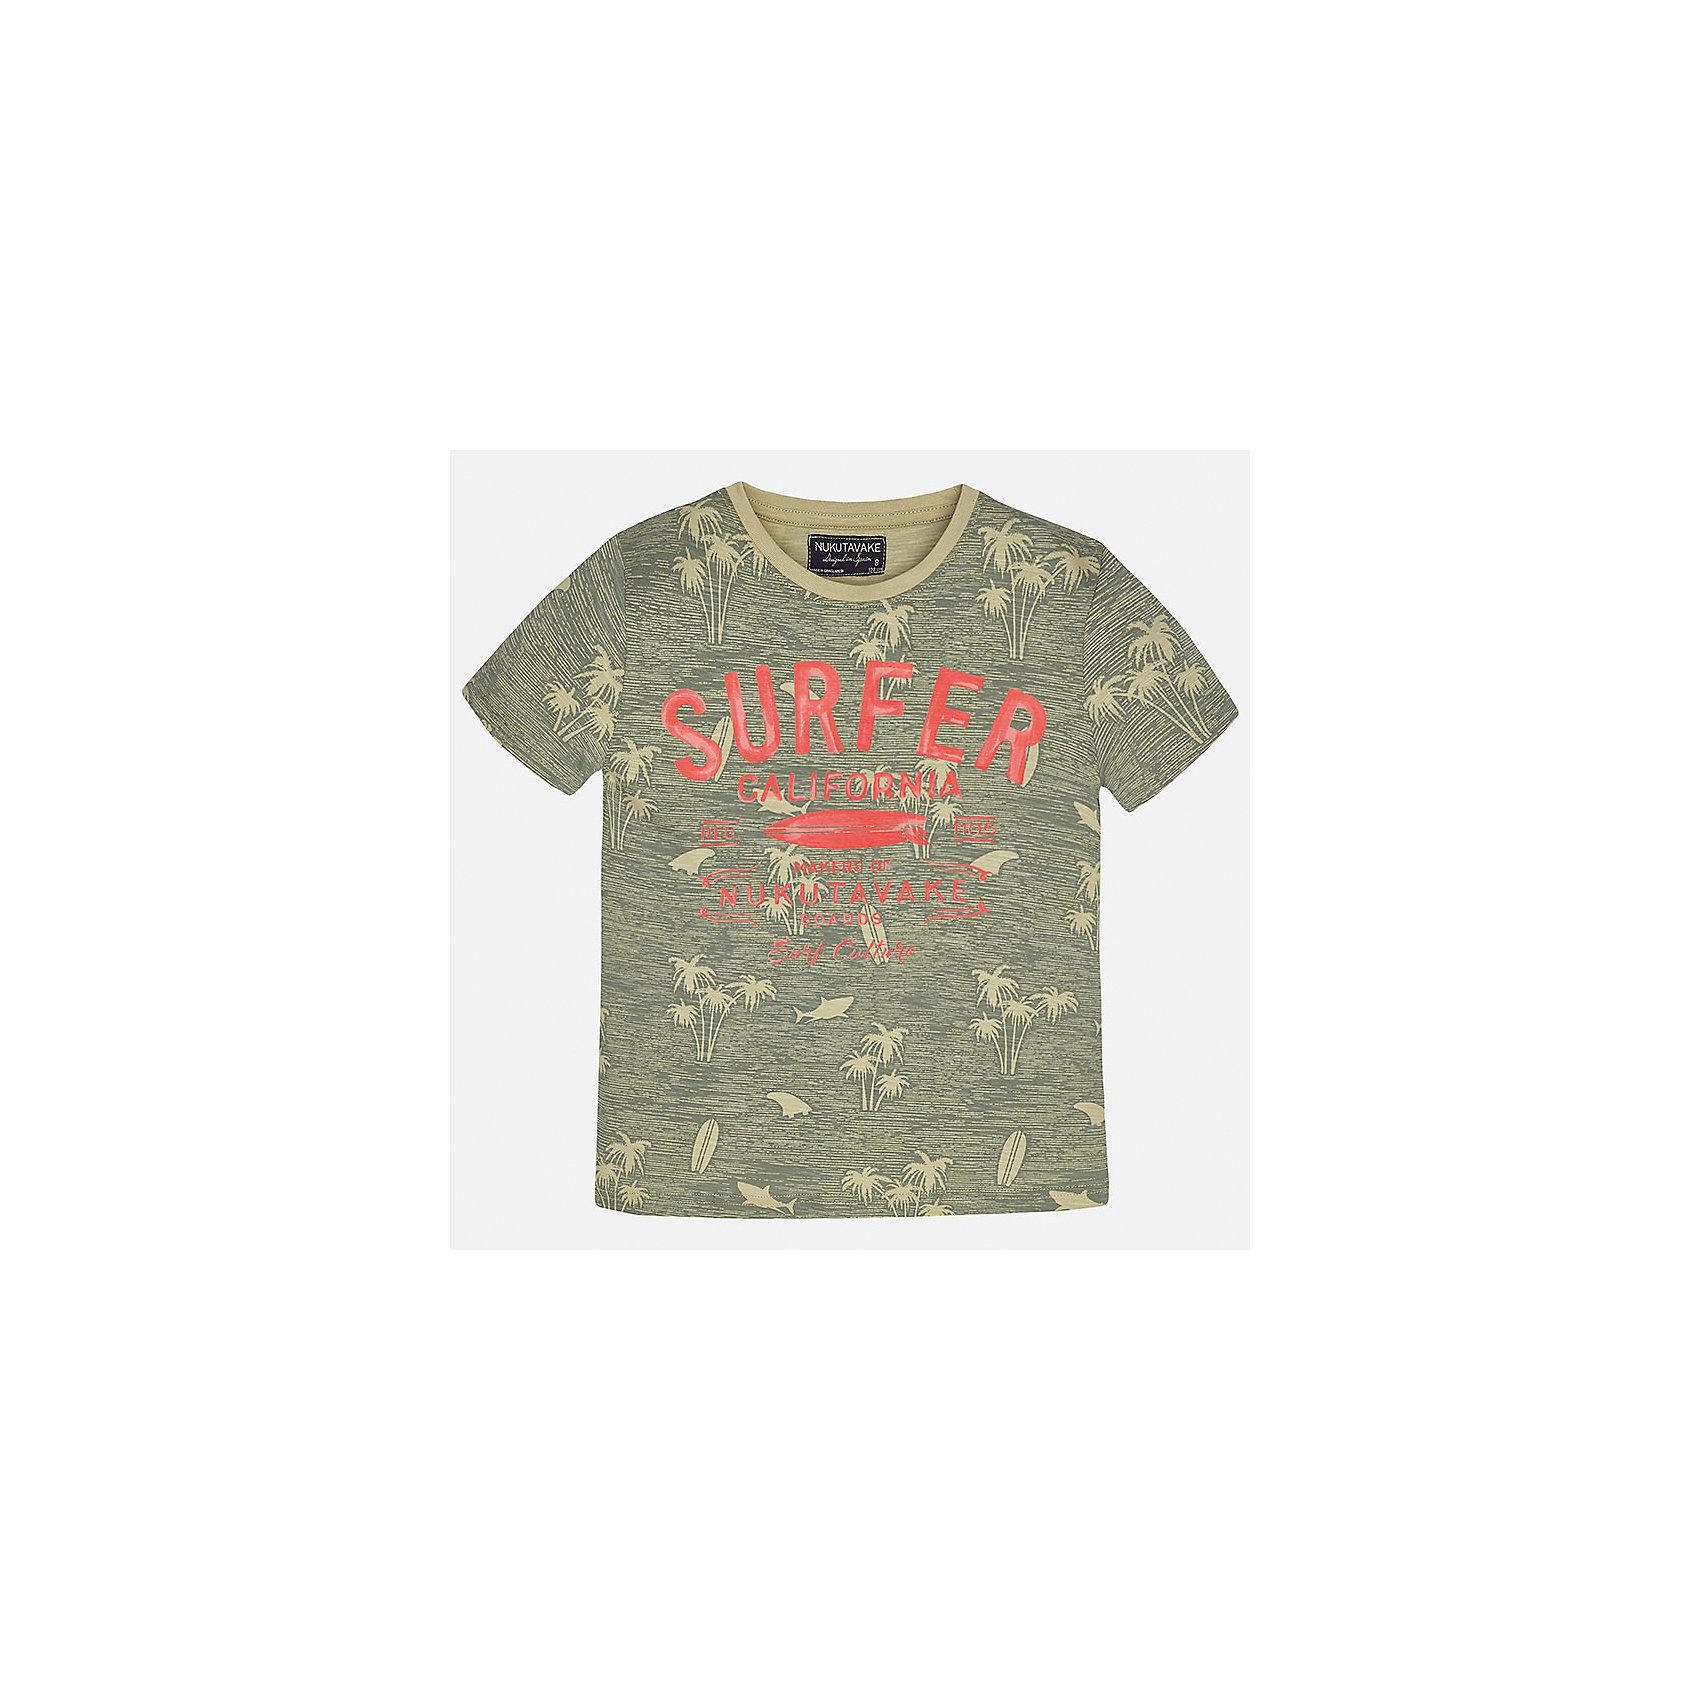 Футболка для мальчика MayoralФутболки, поло и топы<br>Характеристики товара:<br><br>• цвет: зеленый<br>• состав: 100% хлопок<br>• круглый горловой вырез<br>• декорирована принтом<br>• короткие рукава<br>• мягкая отделка горловины<br>• страна бренда: Испания<br><br>Модная удобная футболка с принтом поможет разнообразить гардероб мальчика. Она отлично сочетается с брюками, шортами, джинсами. Универсальный крой и цвет позволяет подобрать к вещи низ разных расцветок. Практичное и стильное изделие! Хорошо смотрится и комфортно сидит на детях. В составе материала - только натуральный хлопок, гипоаллергенный, приятный на ощупь, дышащий. <br><br>Одежда, обувь и аксессуары от испанского бренда Mayoral полюбились детям и взрослым по всему миру. Модели этой марки - стильные и удобные. Для их производства используются только безопасные, качественные материалы и фурнитура. Порадуйте ребенка модными и красивыми вещами от Mayoral! <br><br>Футболку для мальчика от испанского бренда Mayoral (Майорал) можно купить в нашем интернет-магазине.<br><br>Ширина мм: 199<br>Глубина мм: 10<br>Высота мм: 161<br>Вес г: 151<br>Цвет: зеленый<br>Возраст от месяцев: 84<br>Возраст до месяцев: 96<br>Пол: Мужской<br>Возраст: Детский<br>Размер: 128/134,170,164,158,152,140<br>SKU: 5281409